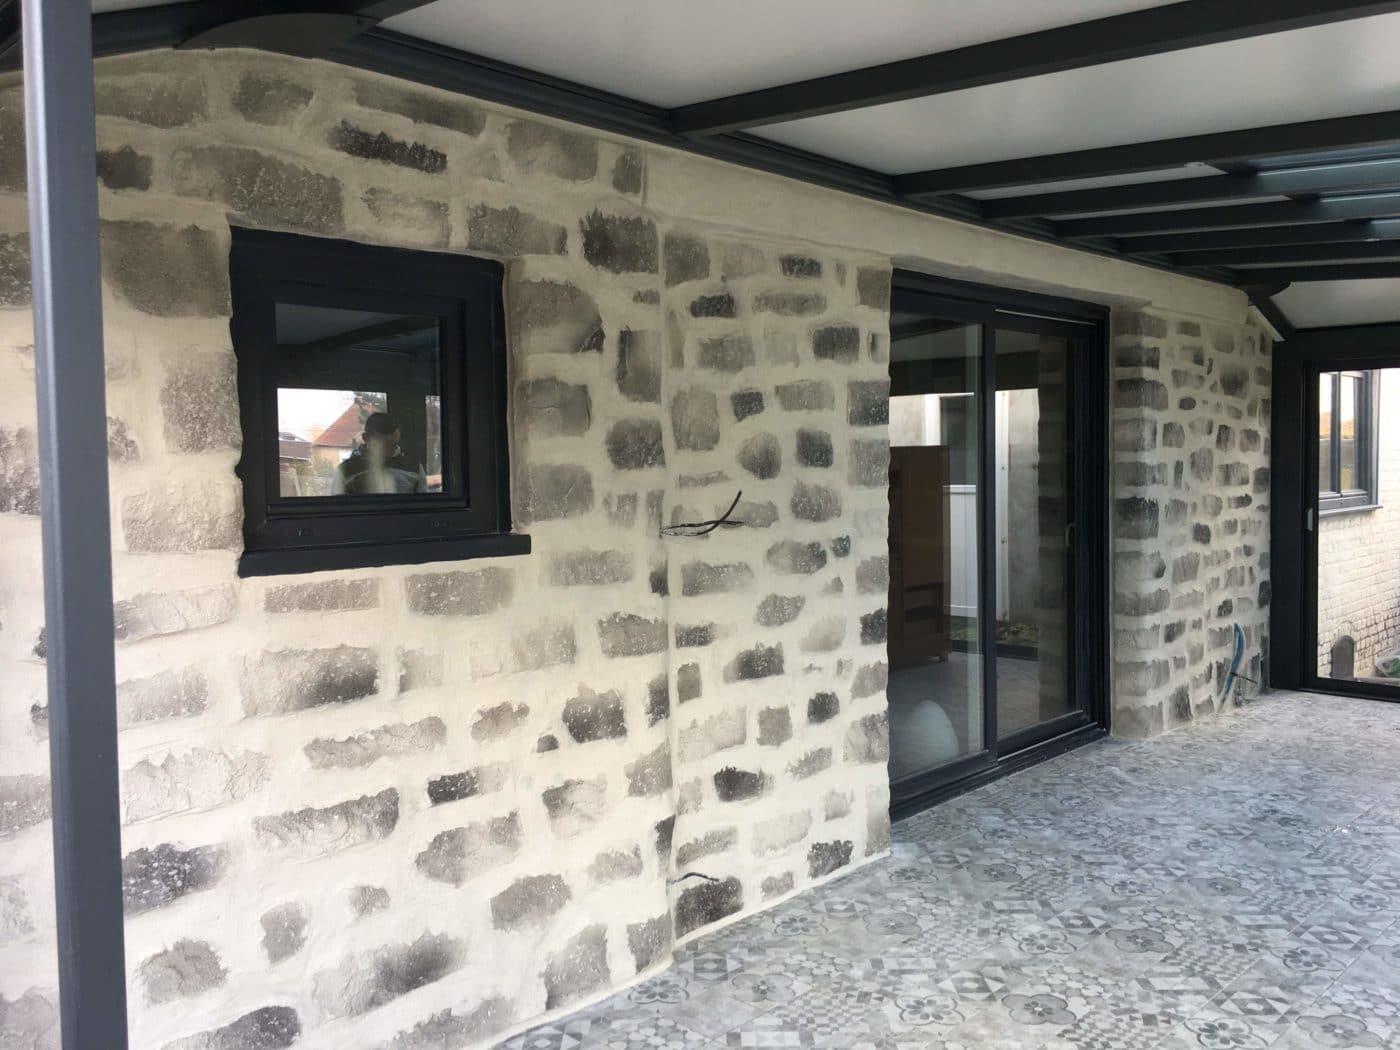 Rénovation de façade enduit décoratif extérieur